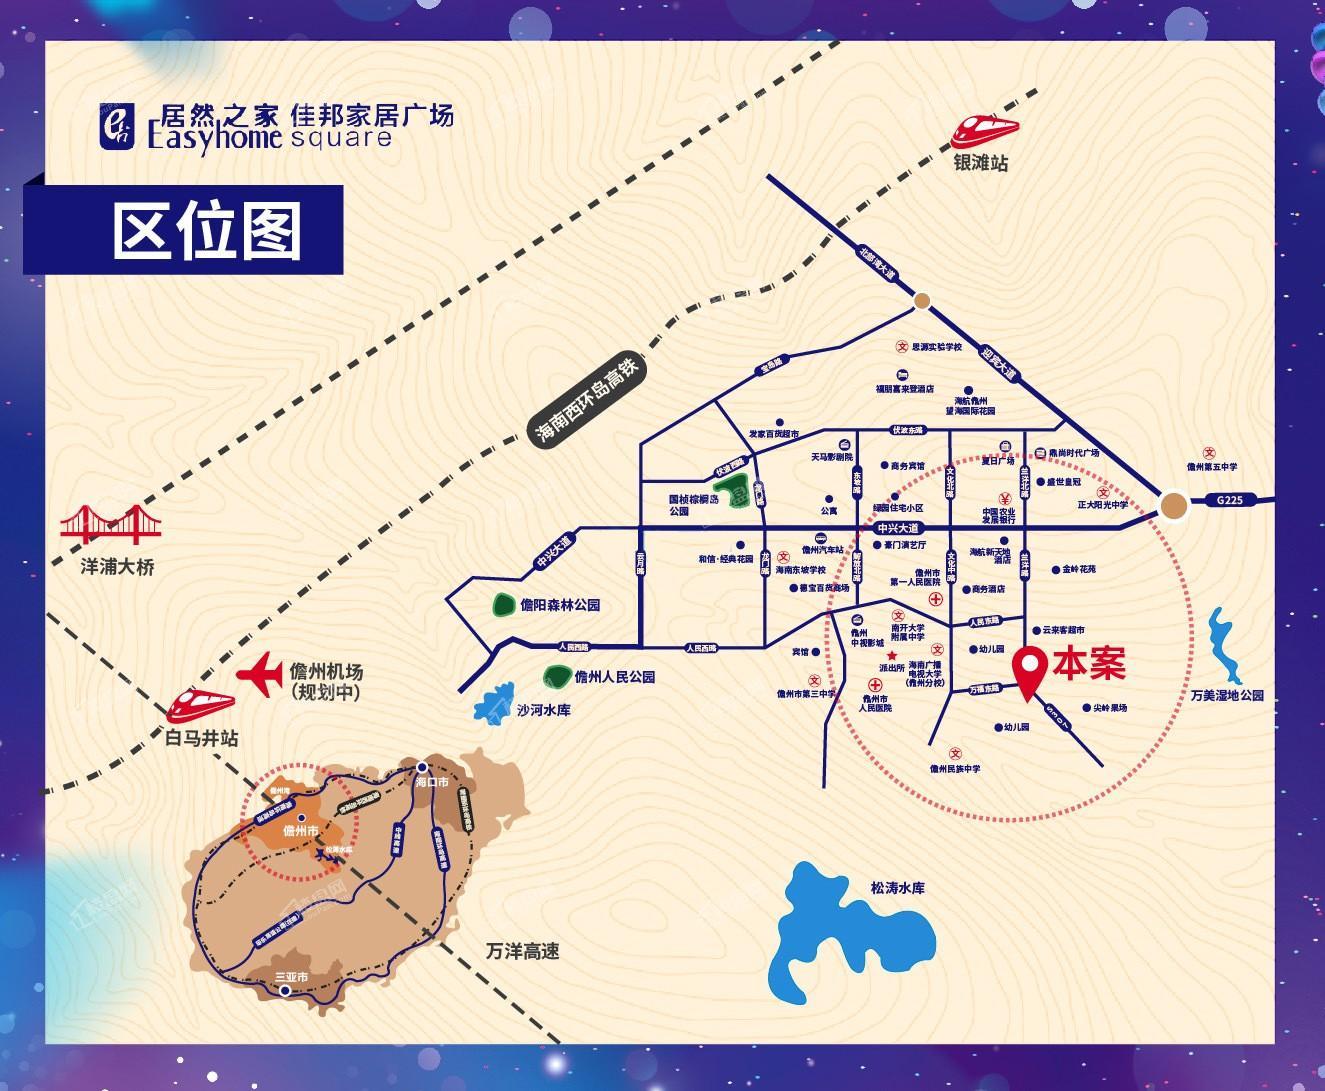 佳邦广场位置图